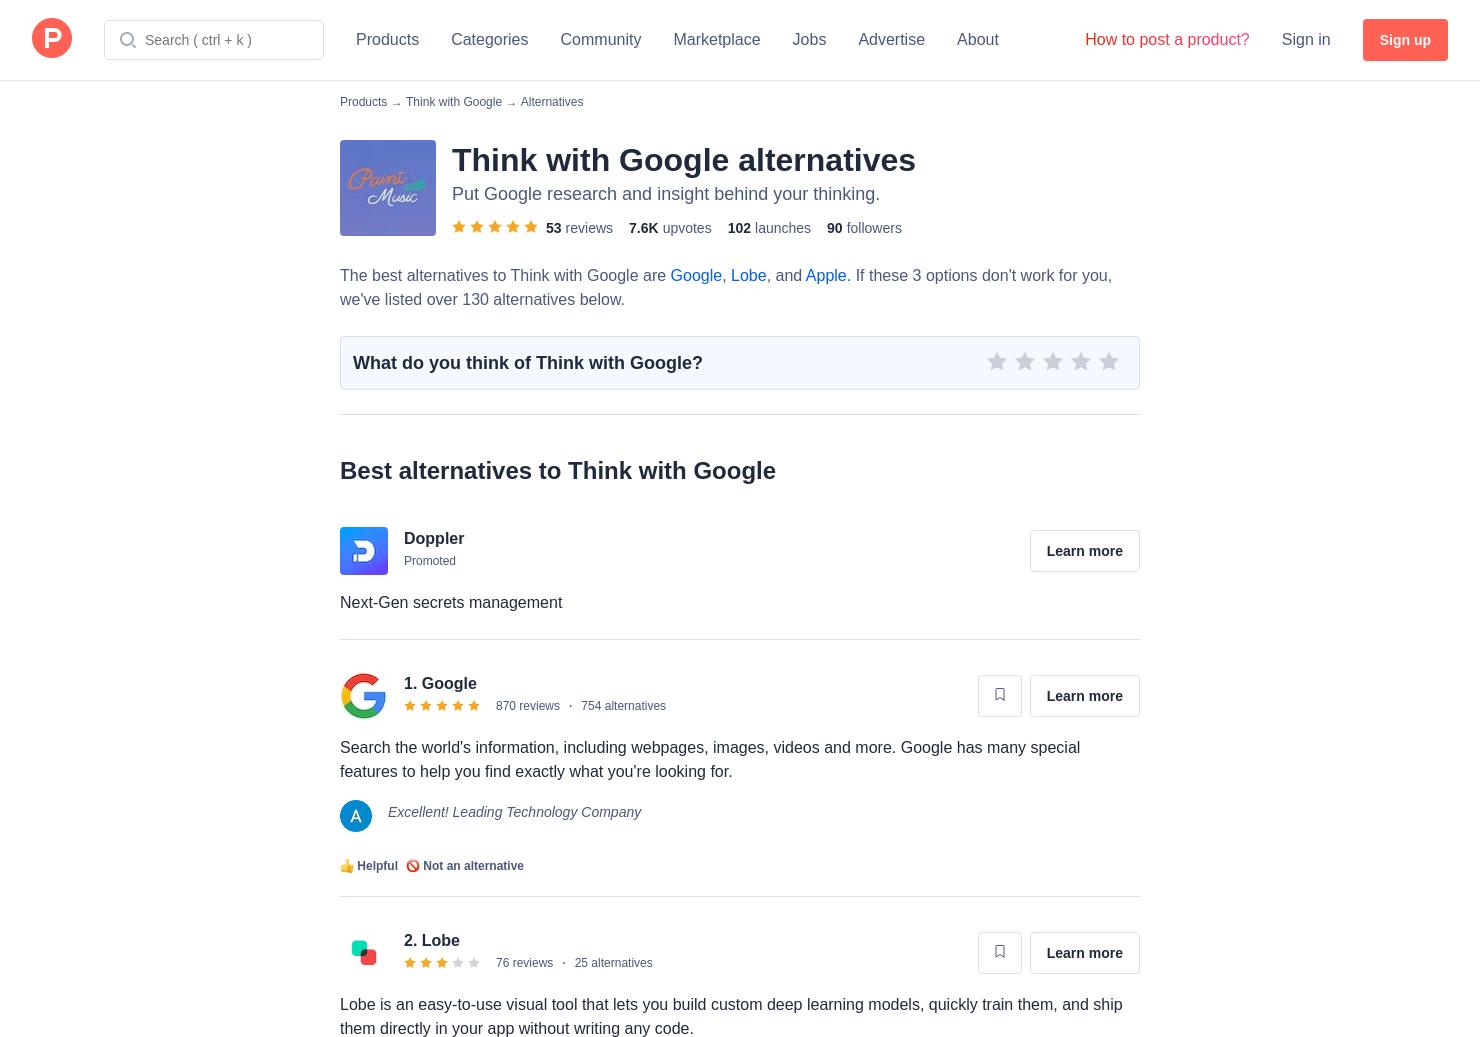 16 Alternatives to Emoji Scavenger Hunt with Google